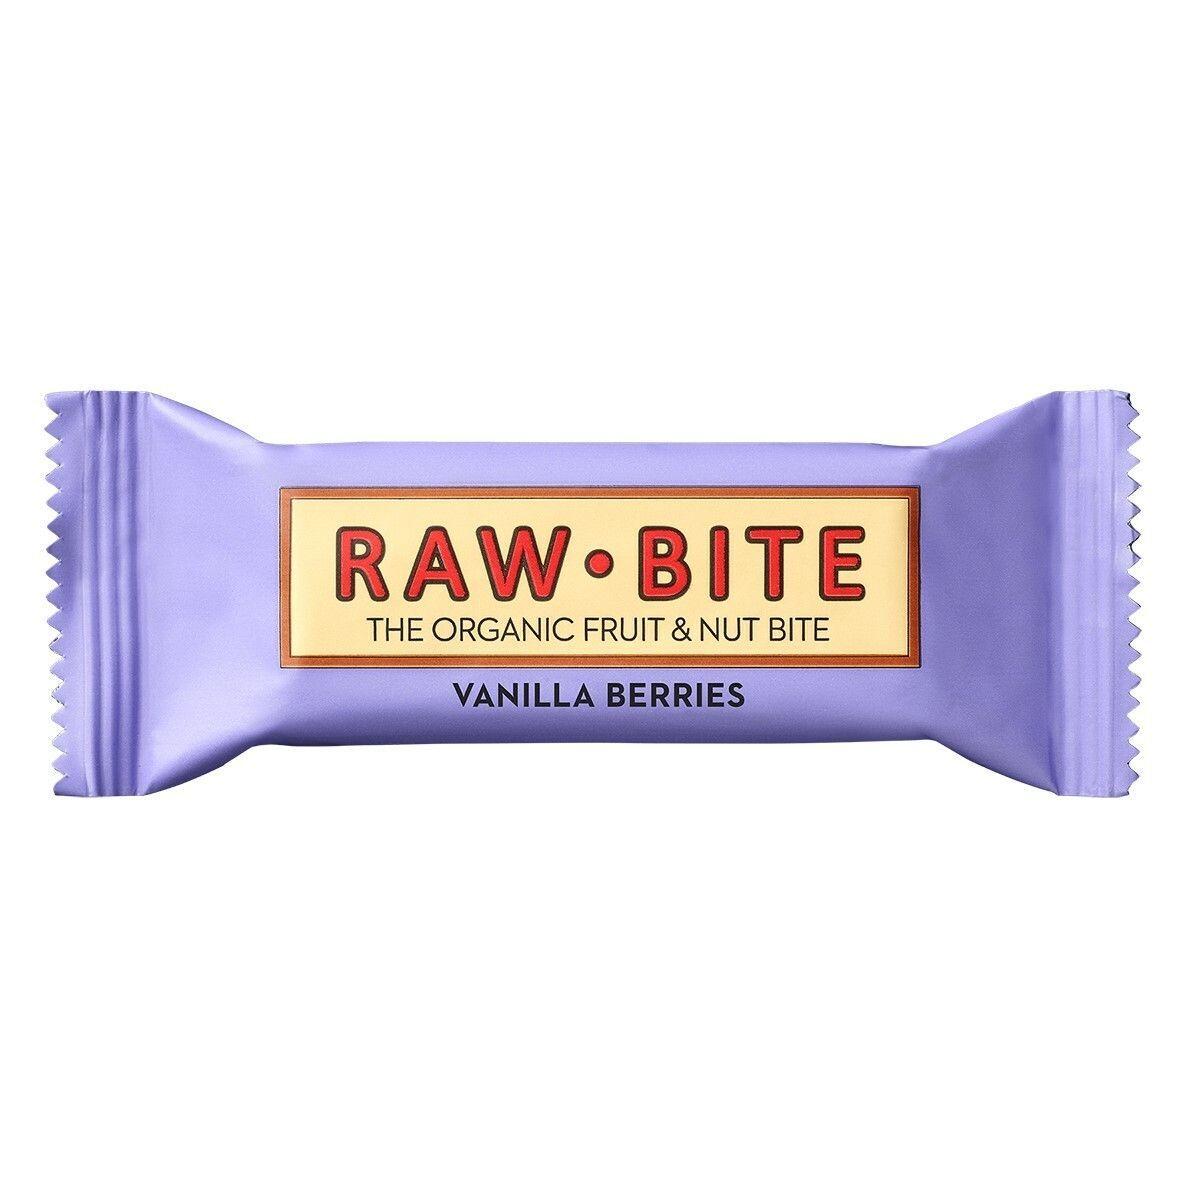 RAW BITE Bio Barres Baies de vanille g barre(s)